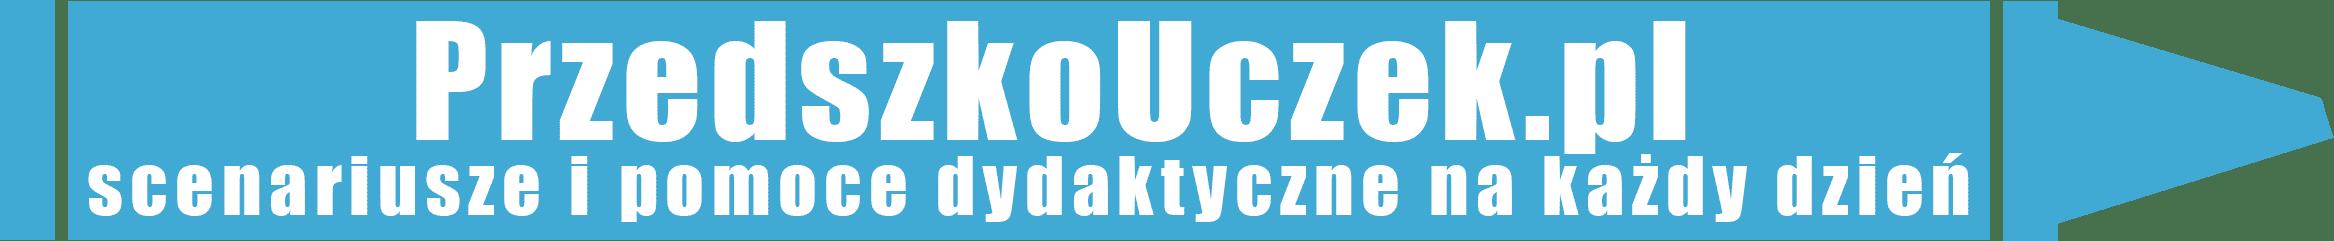 Przedszkouczek.pl